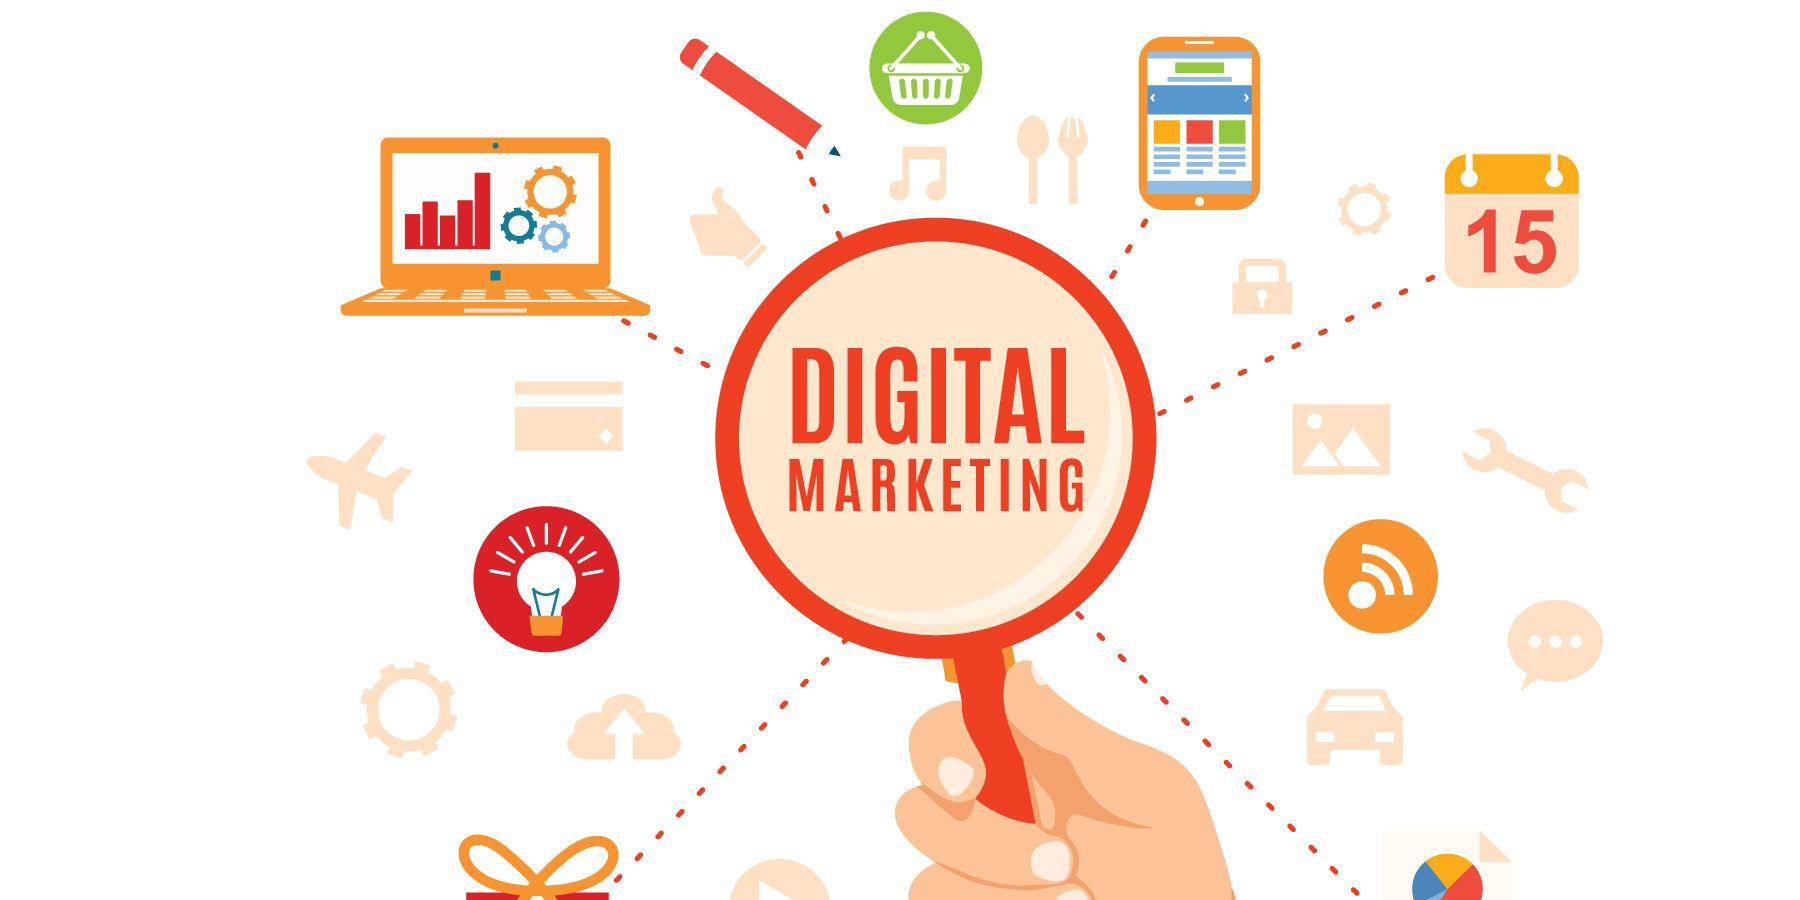 Digital Marketing Agency in Pakistan in 2019 | Codeagepk